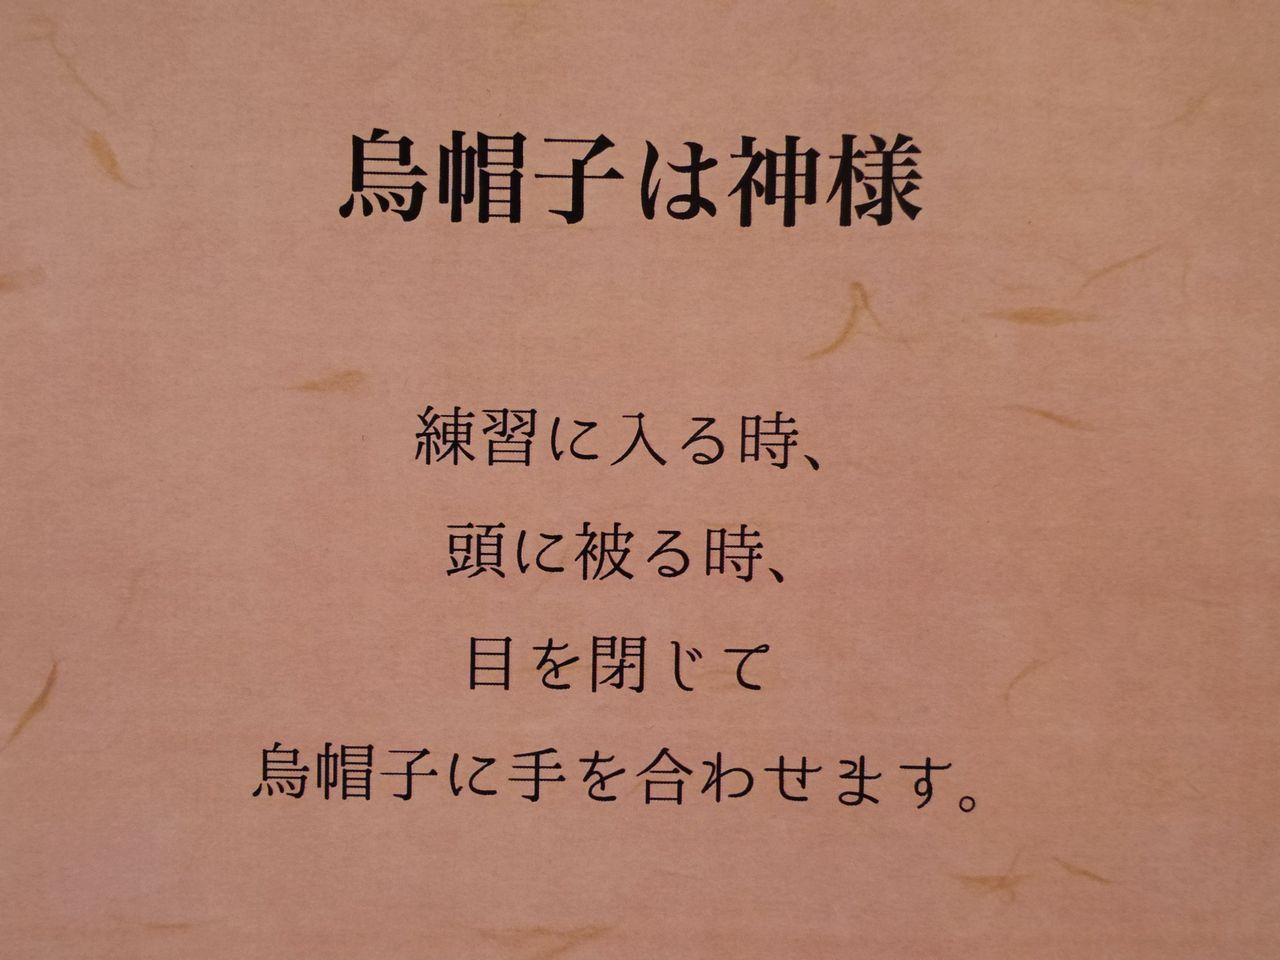 IMGP4027.jpg